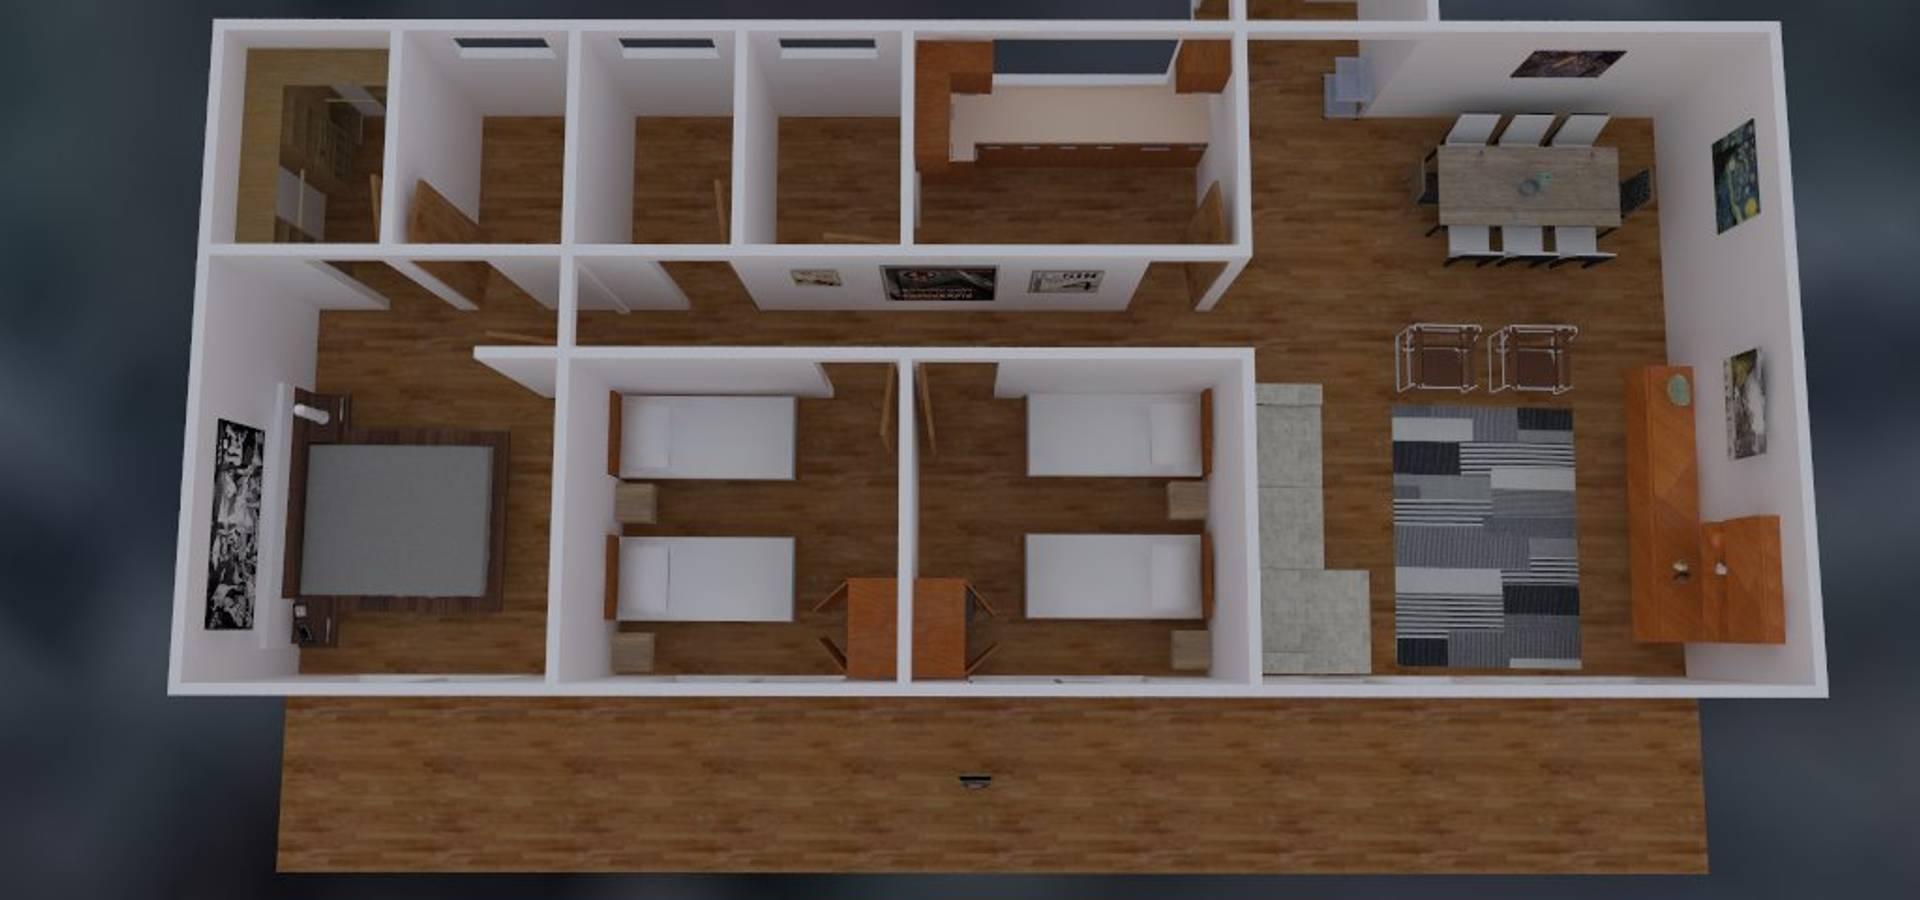 Badich Arquitectura Y Costrucción SpA